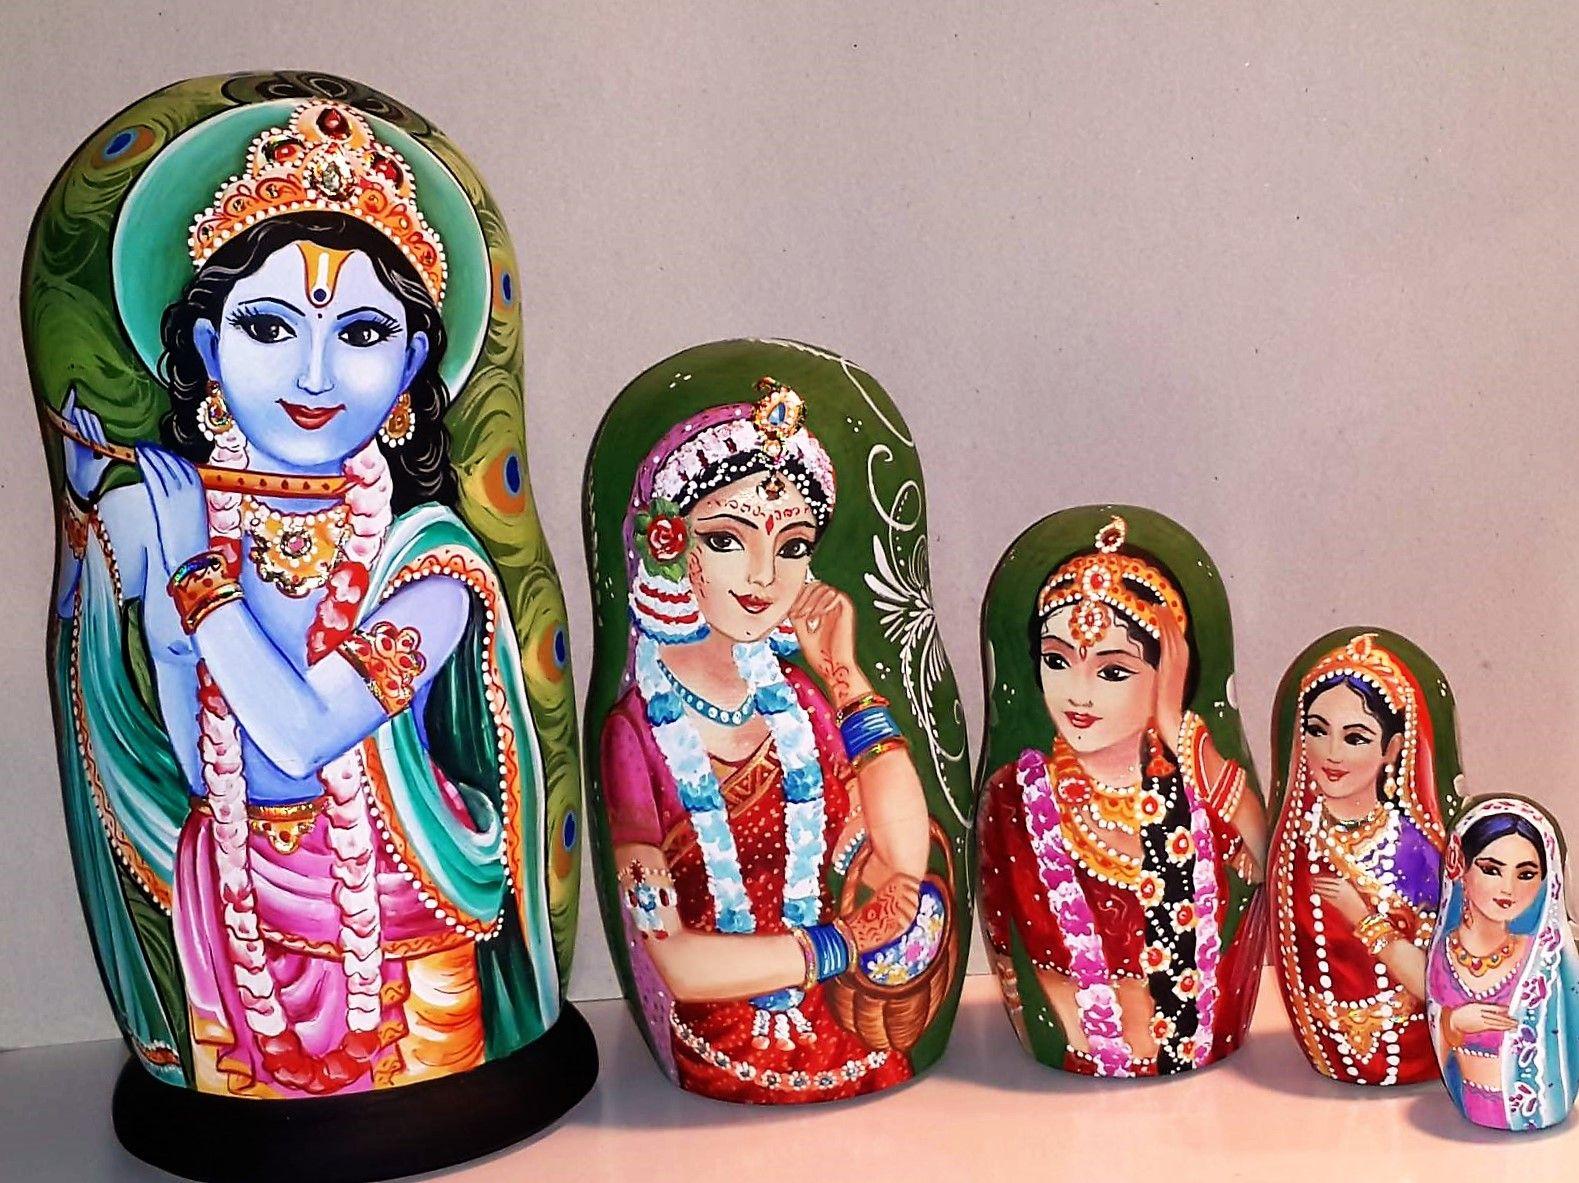 индийская матрешка фото боги сжалились превратили